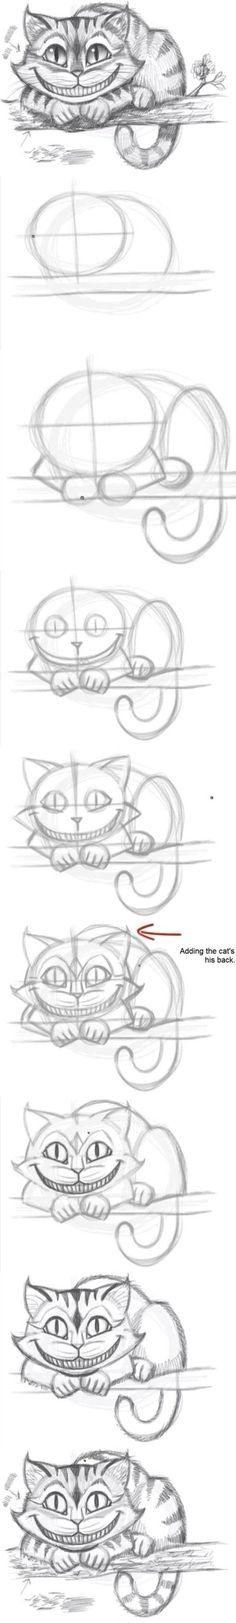 Tutoriel dessiner le chat d'Alice au pays des merveilles